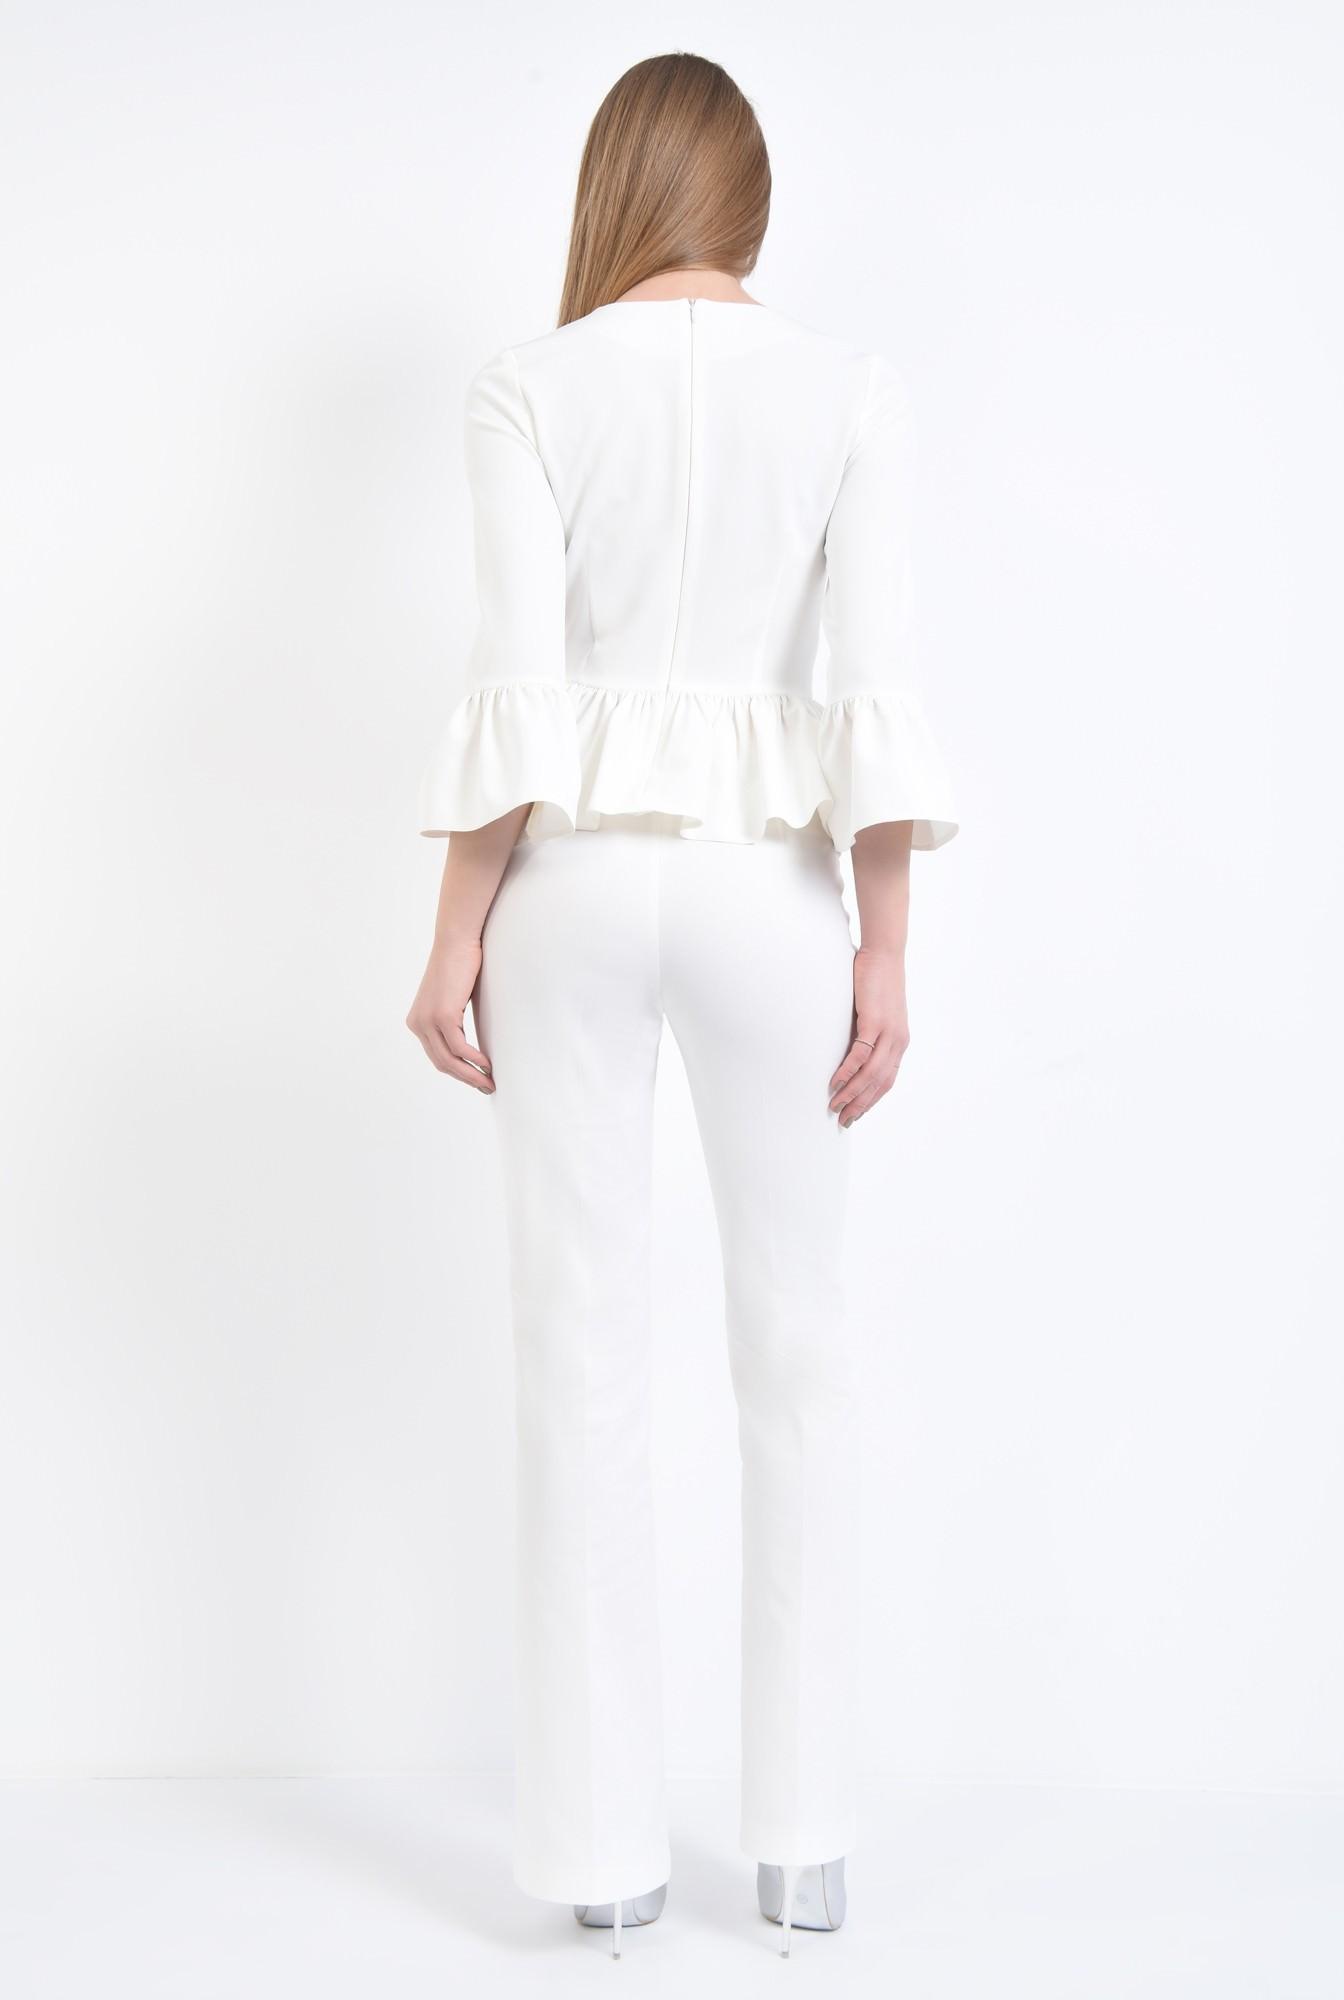 1 - Bluza eleganta, cu volane, tesatura elastica, decolteu rotund la baza gatului